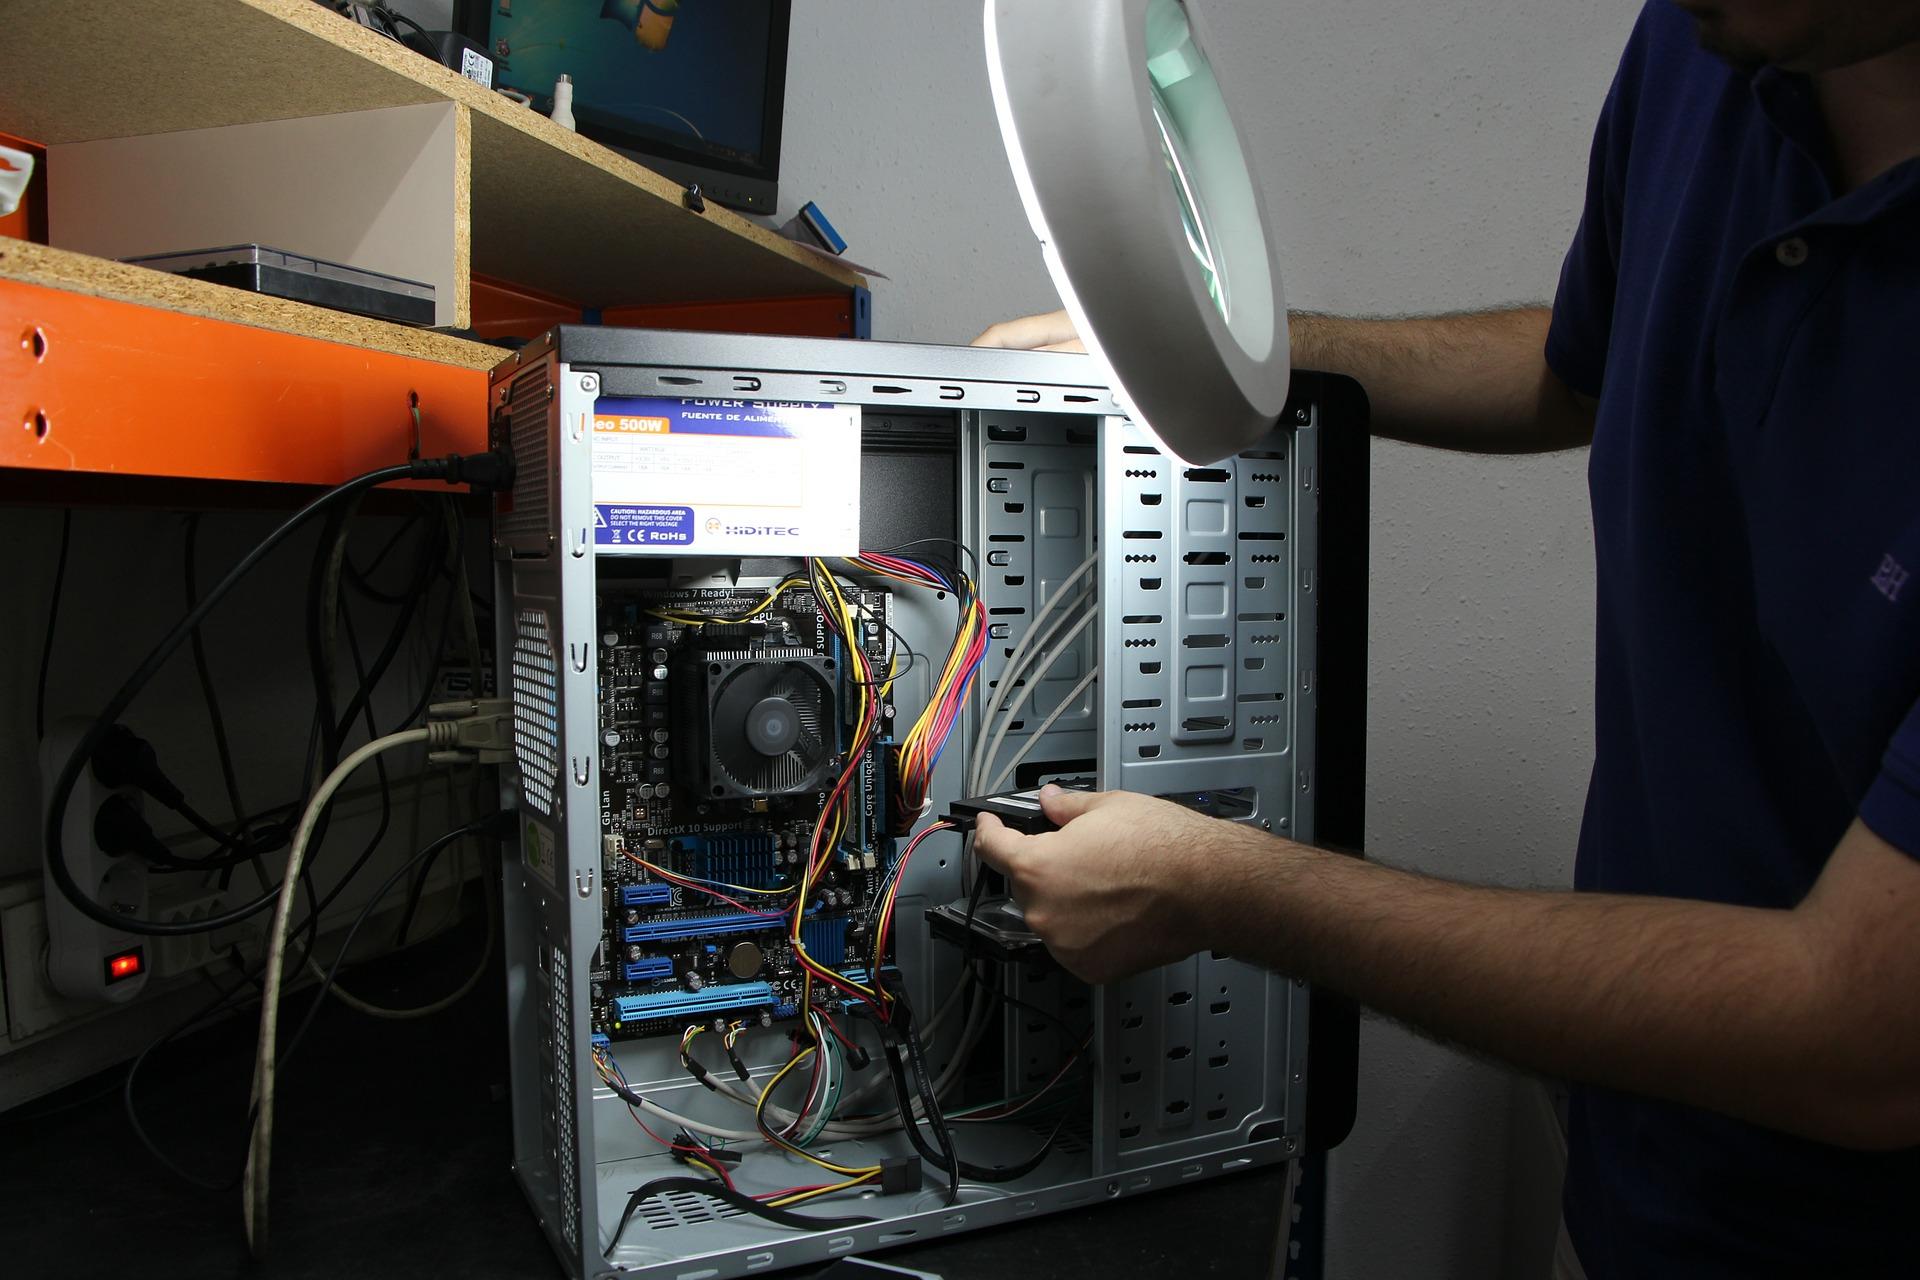 Computer Repair On Bench Narre Warren North